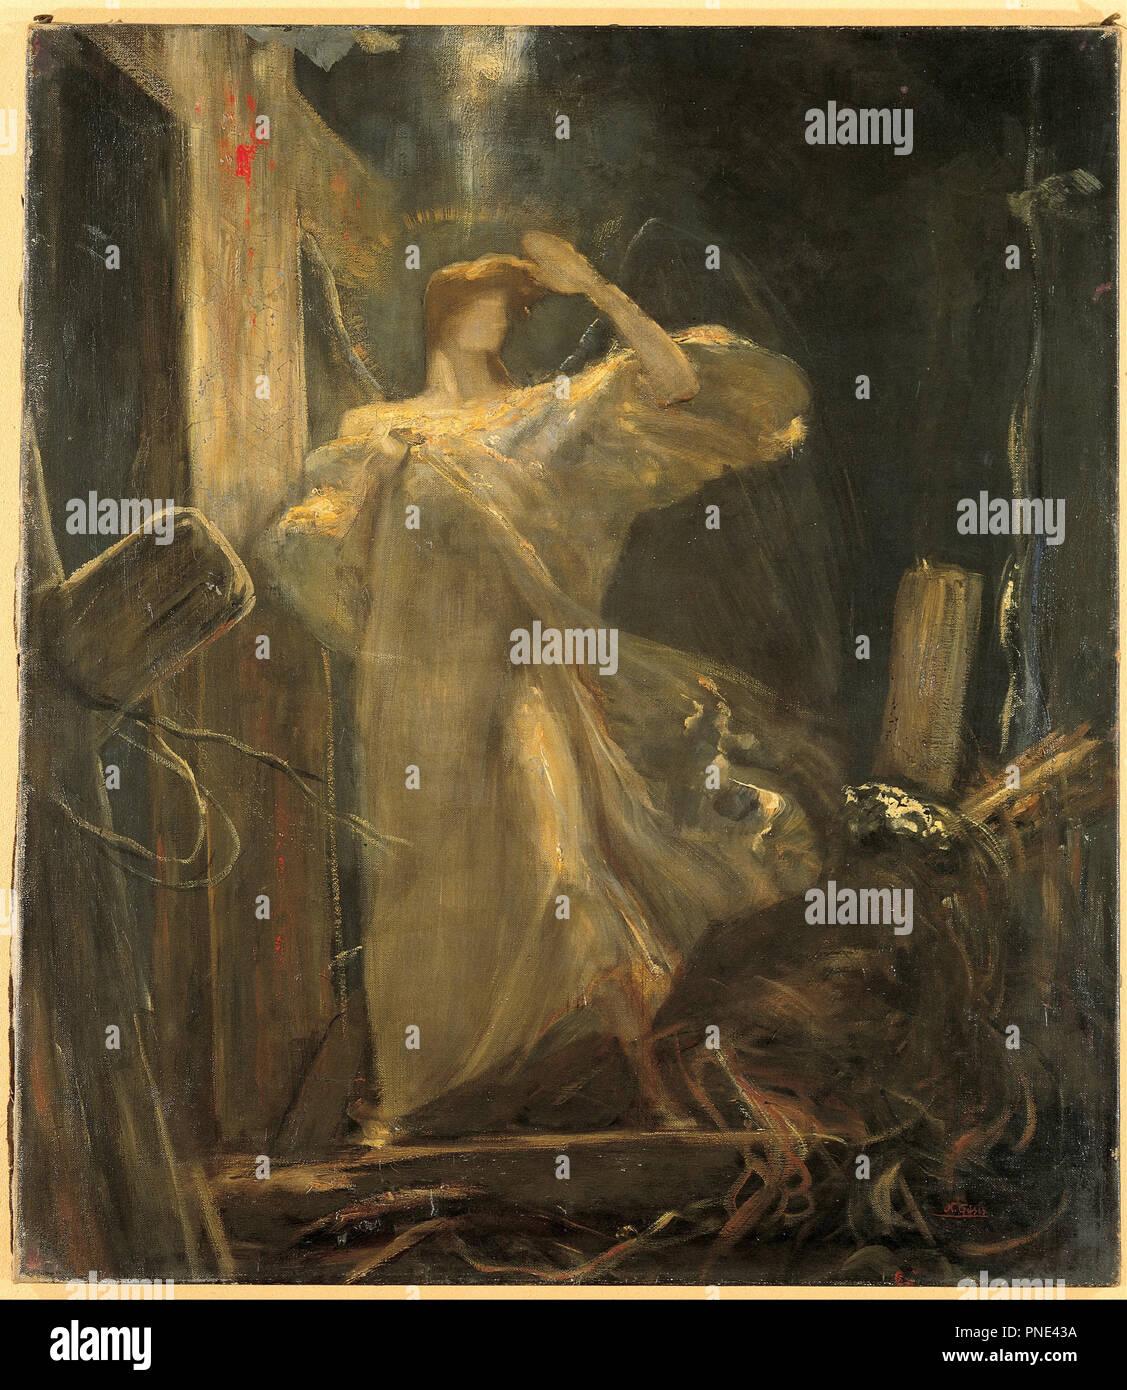 Archange, étude pour le fondement de la Foi. Date/période: 1894 - 1895. La peinture. Hauteur: 800 mm (31.49 in); Largeur: 690 mm (27.16 in). Auteur: Nikolaos Gyzis. Banque D'Images